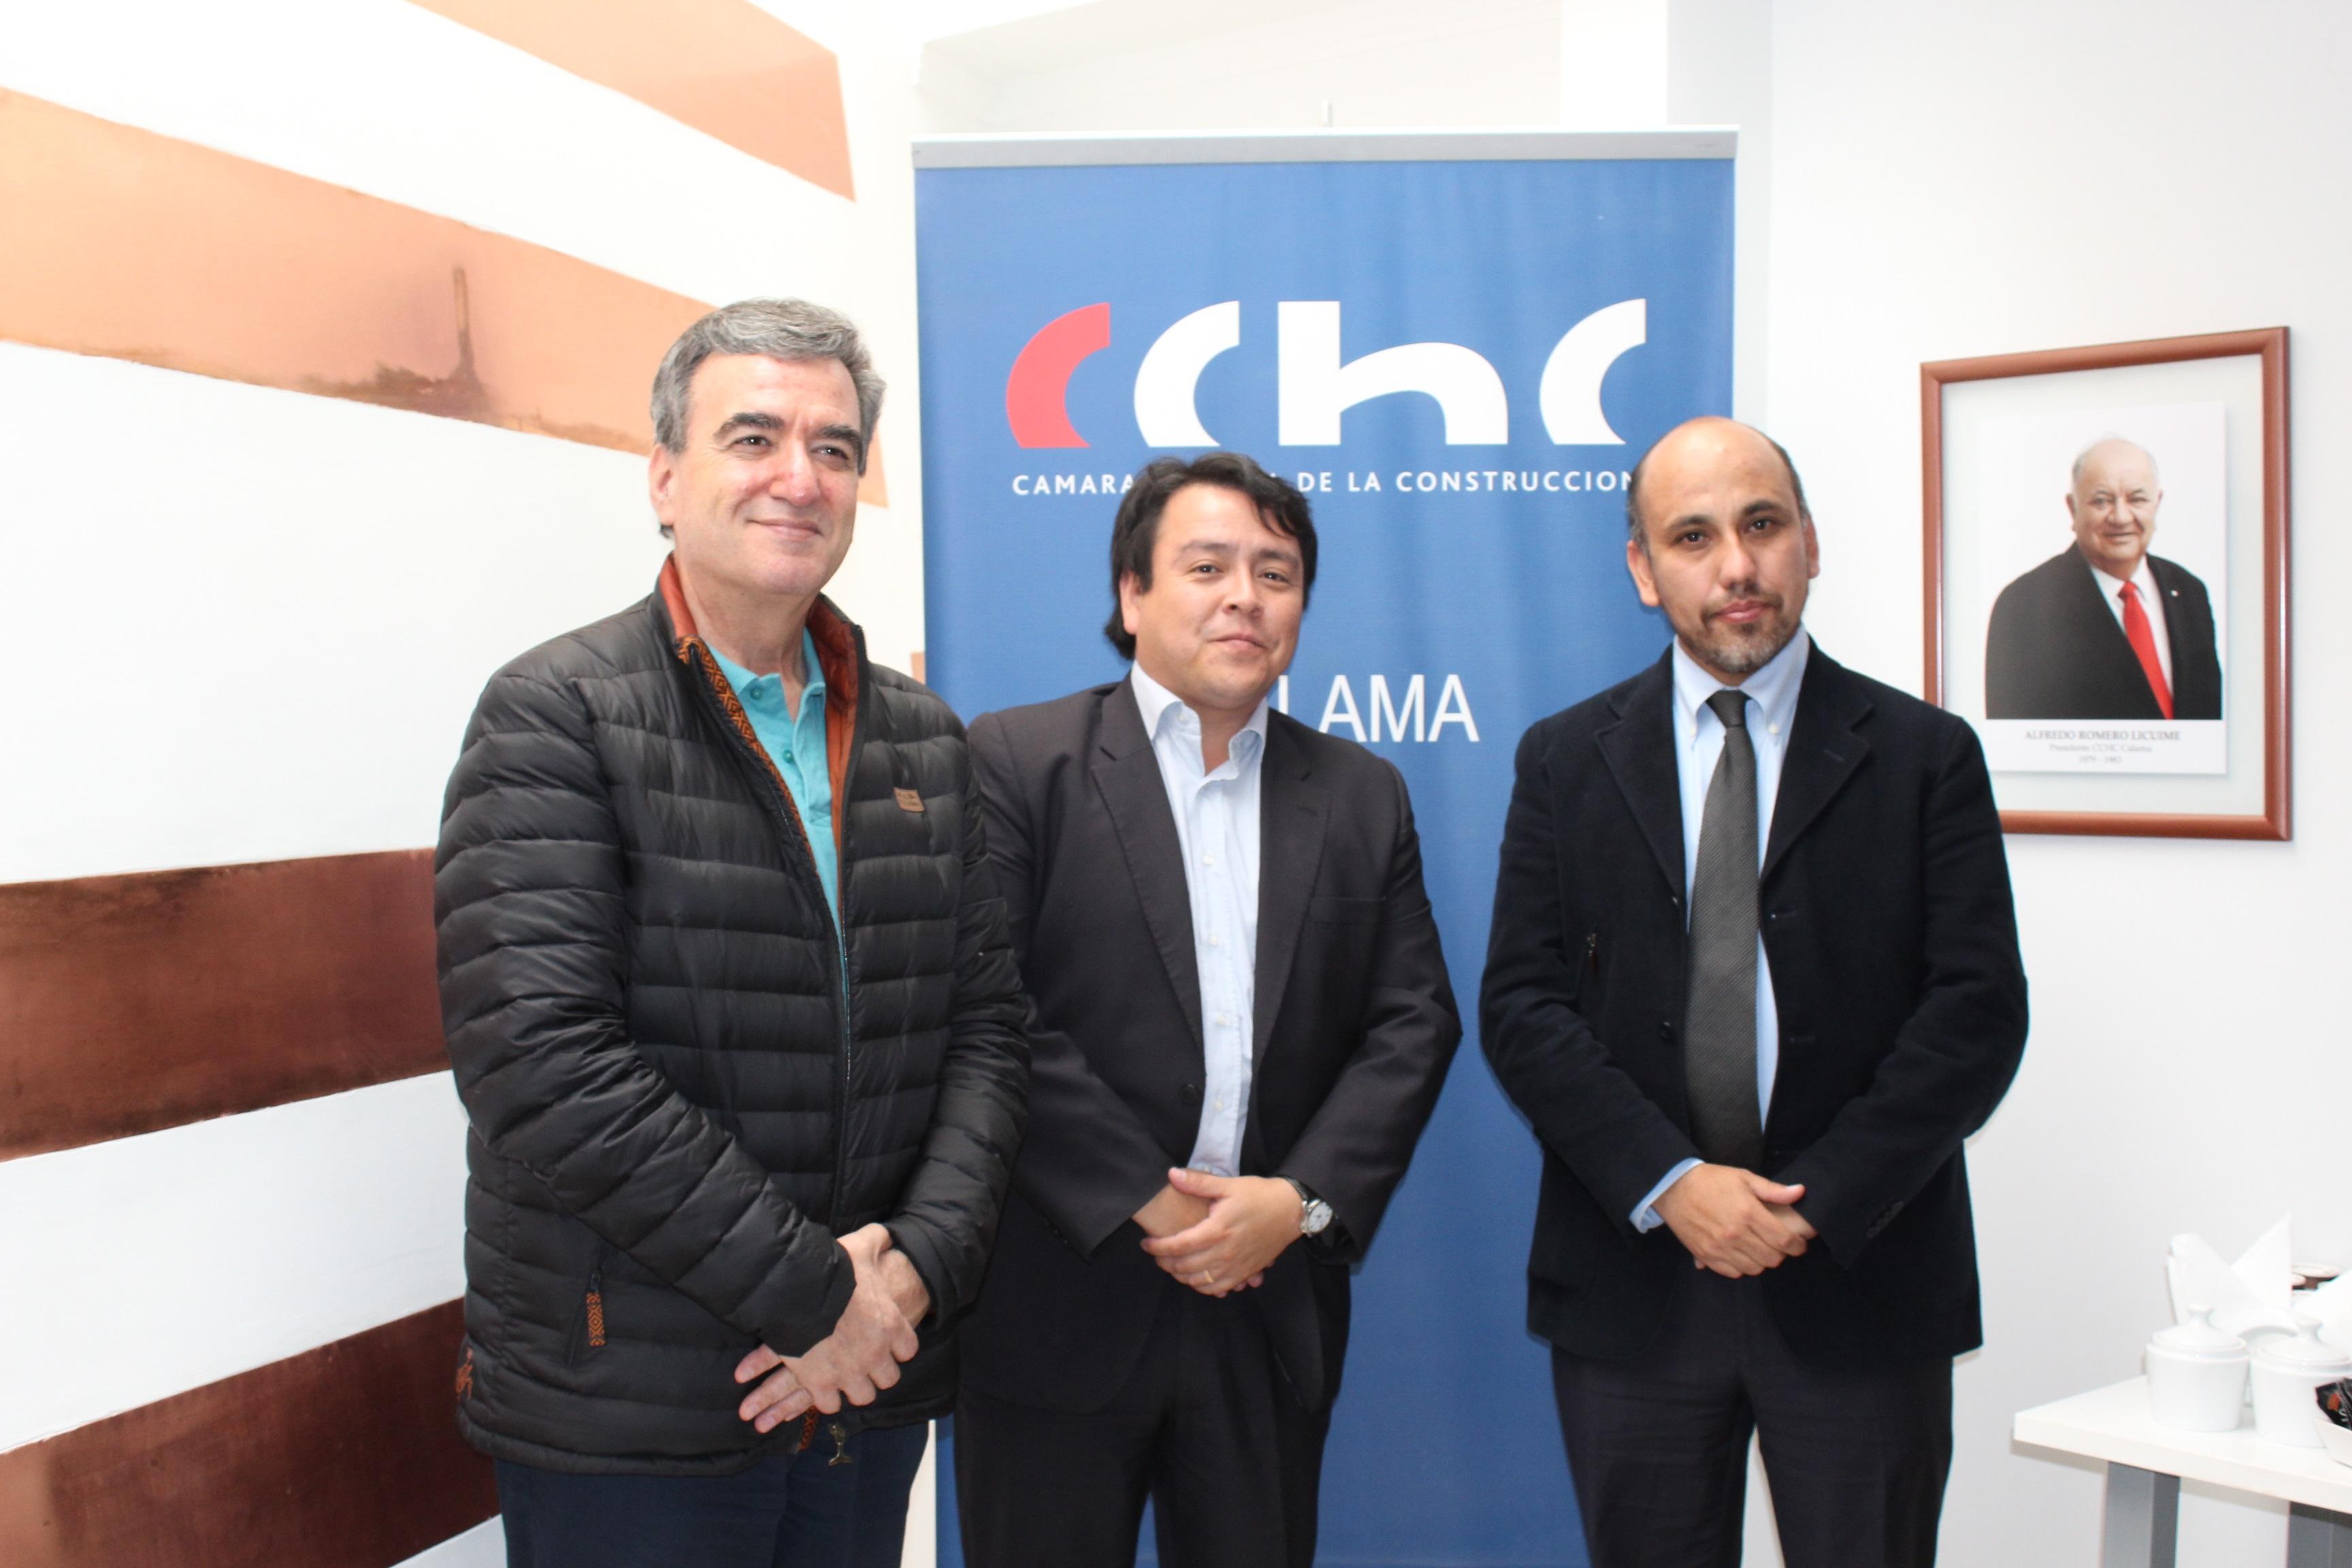 Positiva reunión de la CChC Calama y Seremi de Minería noticias